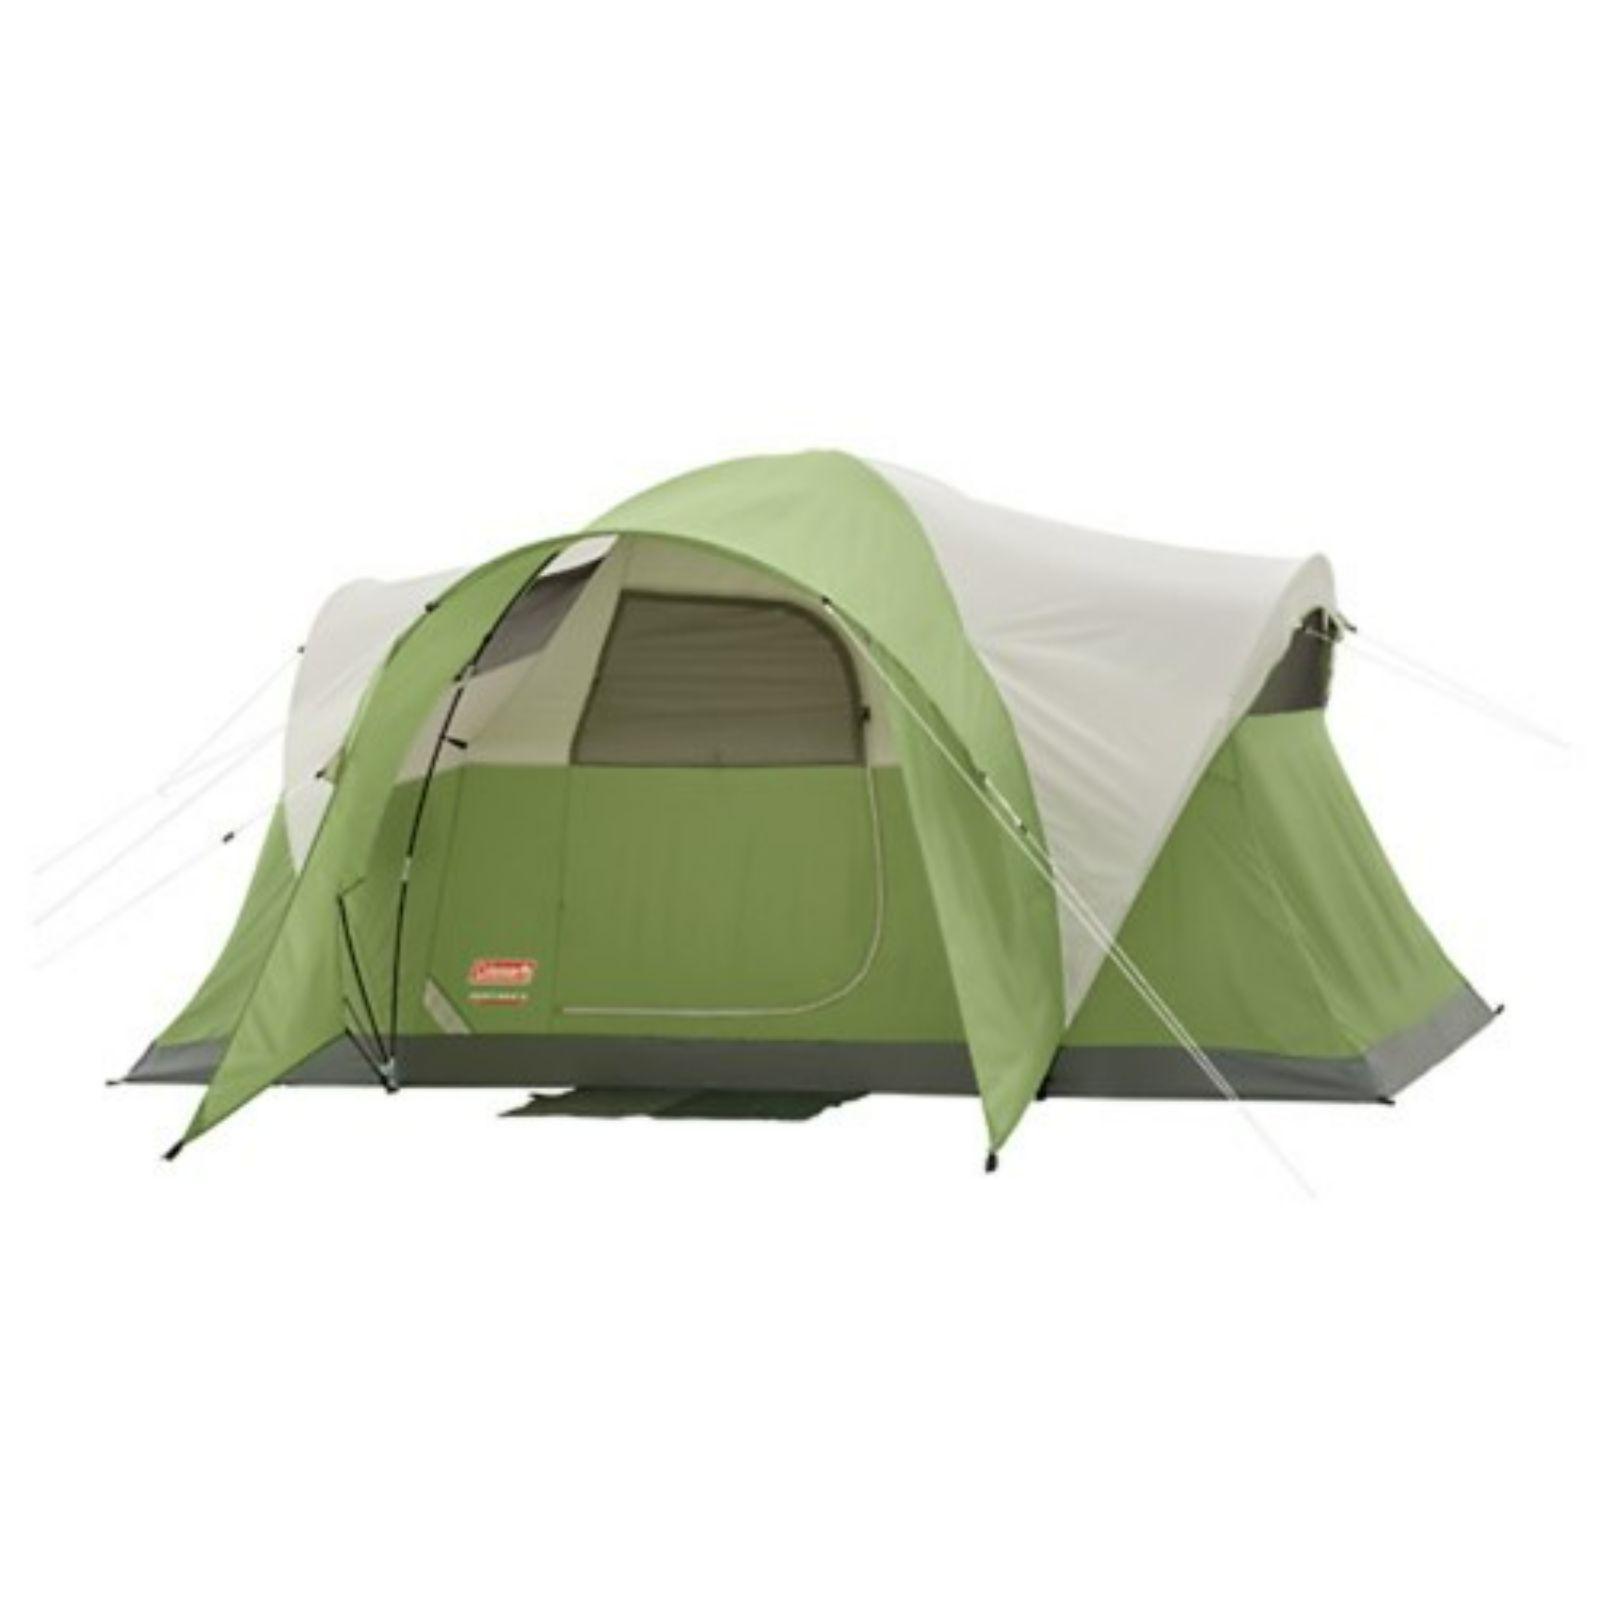 Coleman Montana 6 Tent 12x7 Foot Green Tan Grey